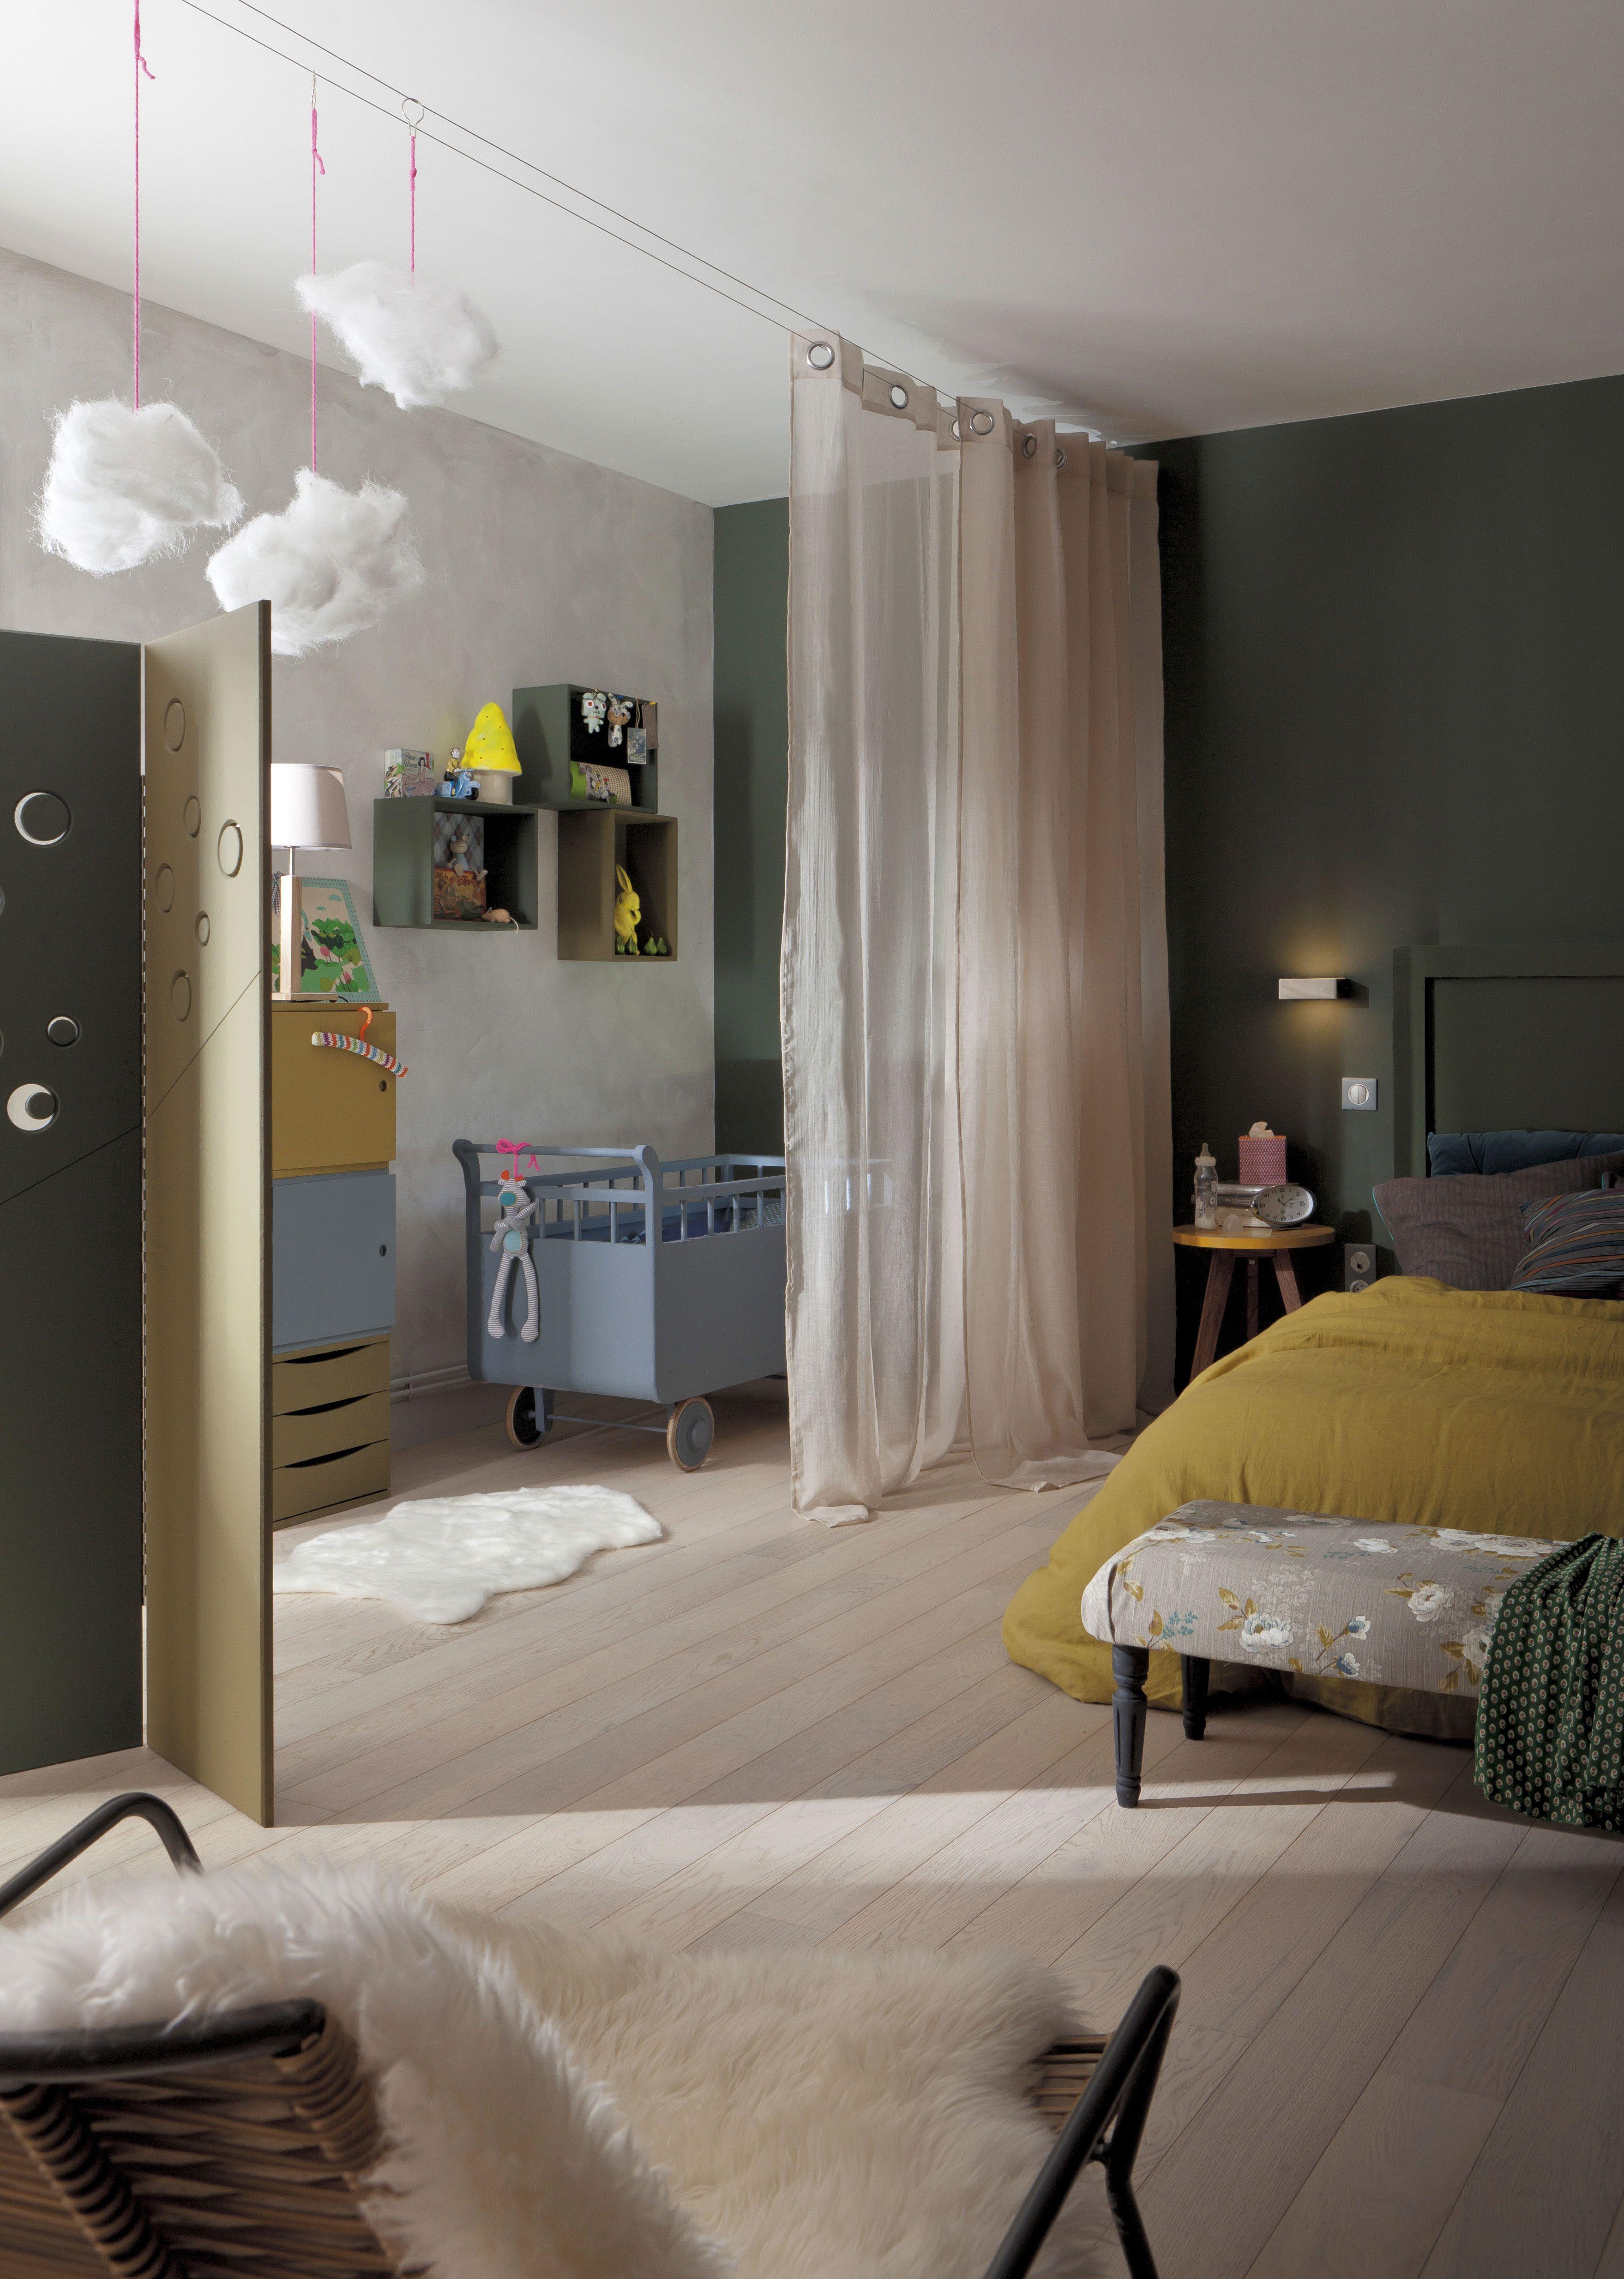 cr er une chambre de b b provisoire avec un voilage rideaux chambre verri re cloison. Black Bedroom Furniture Sets. Home Design Ideas